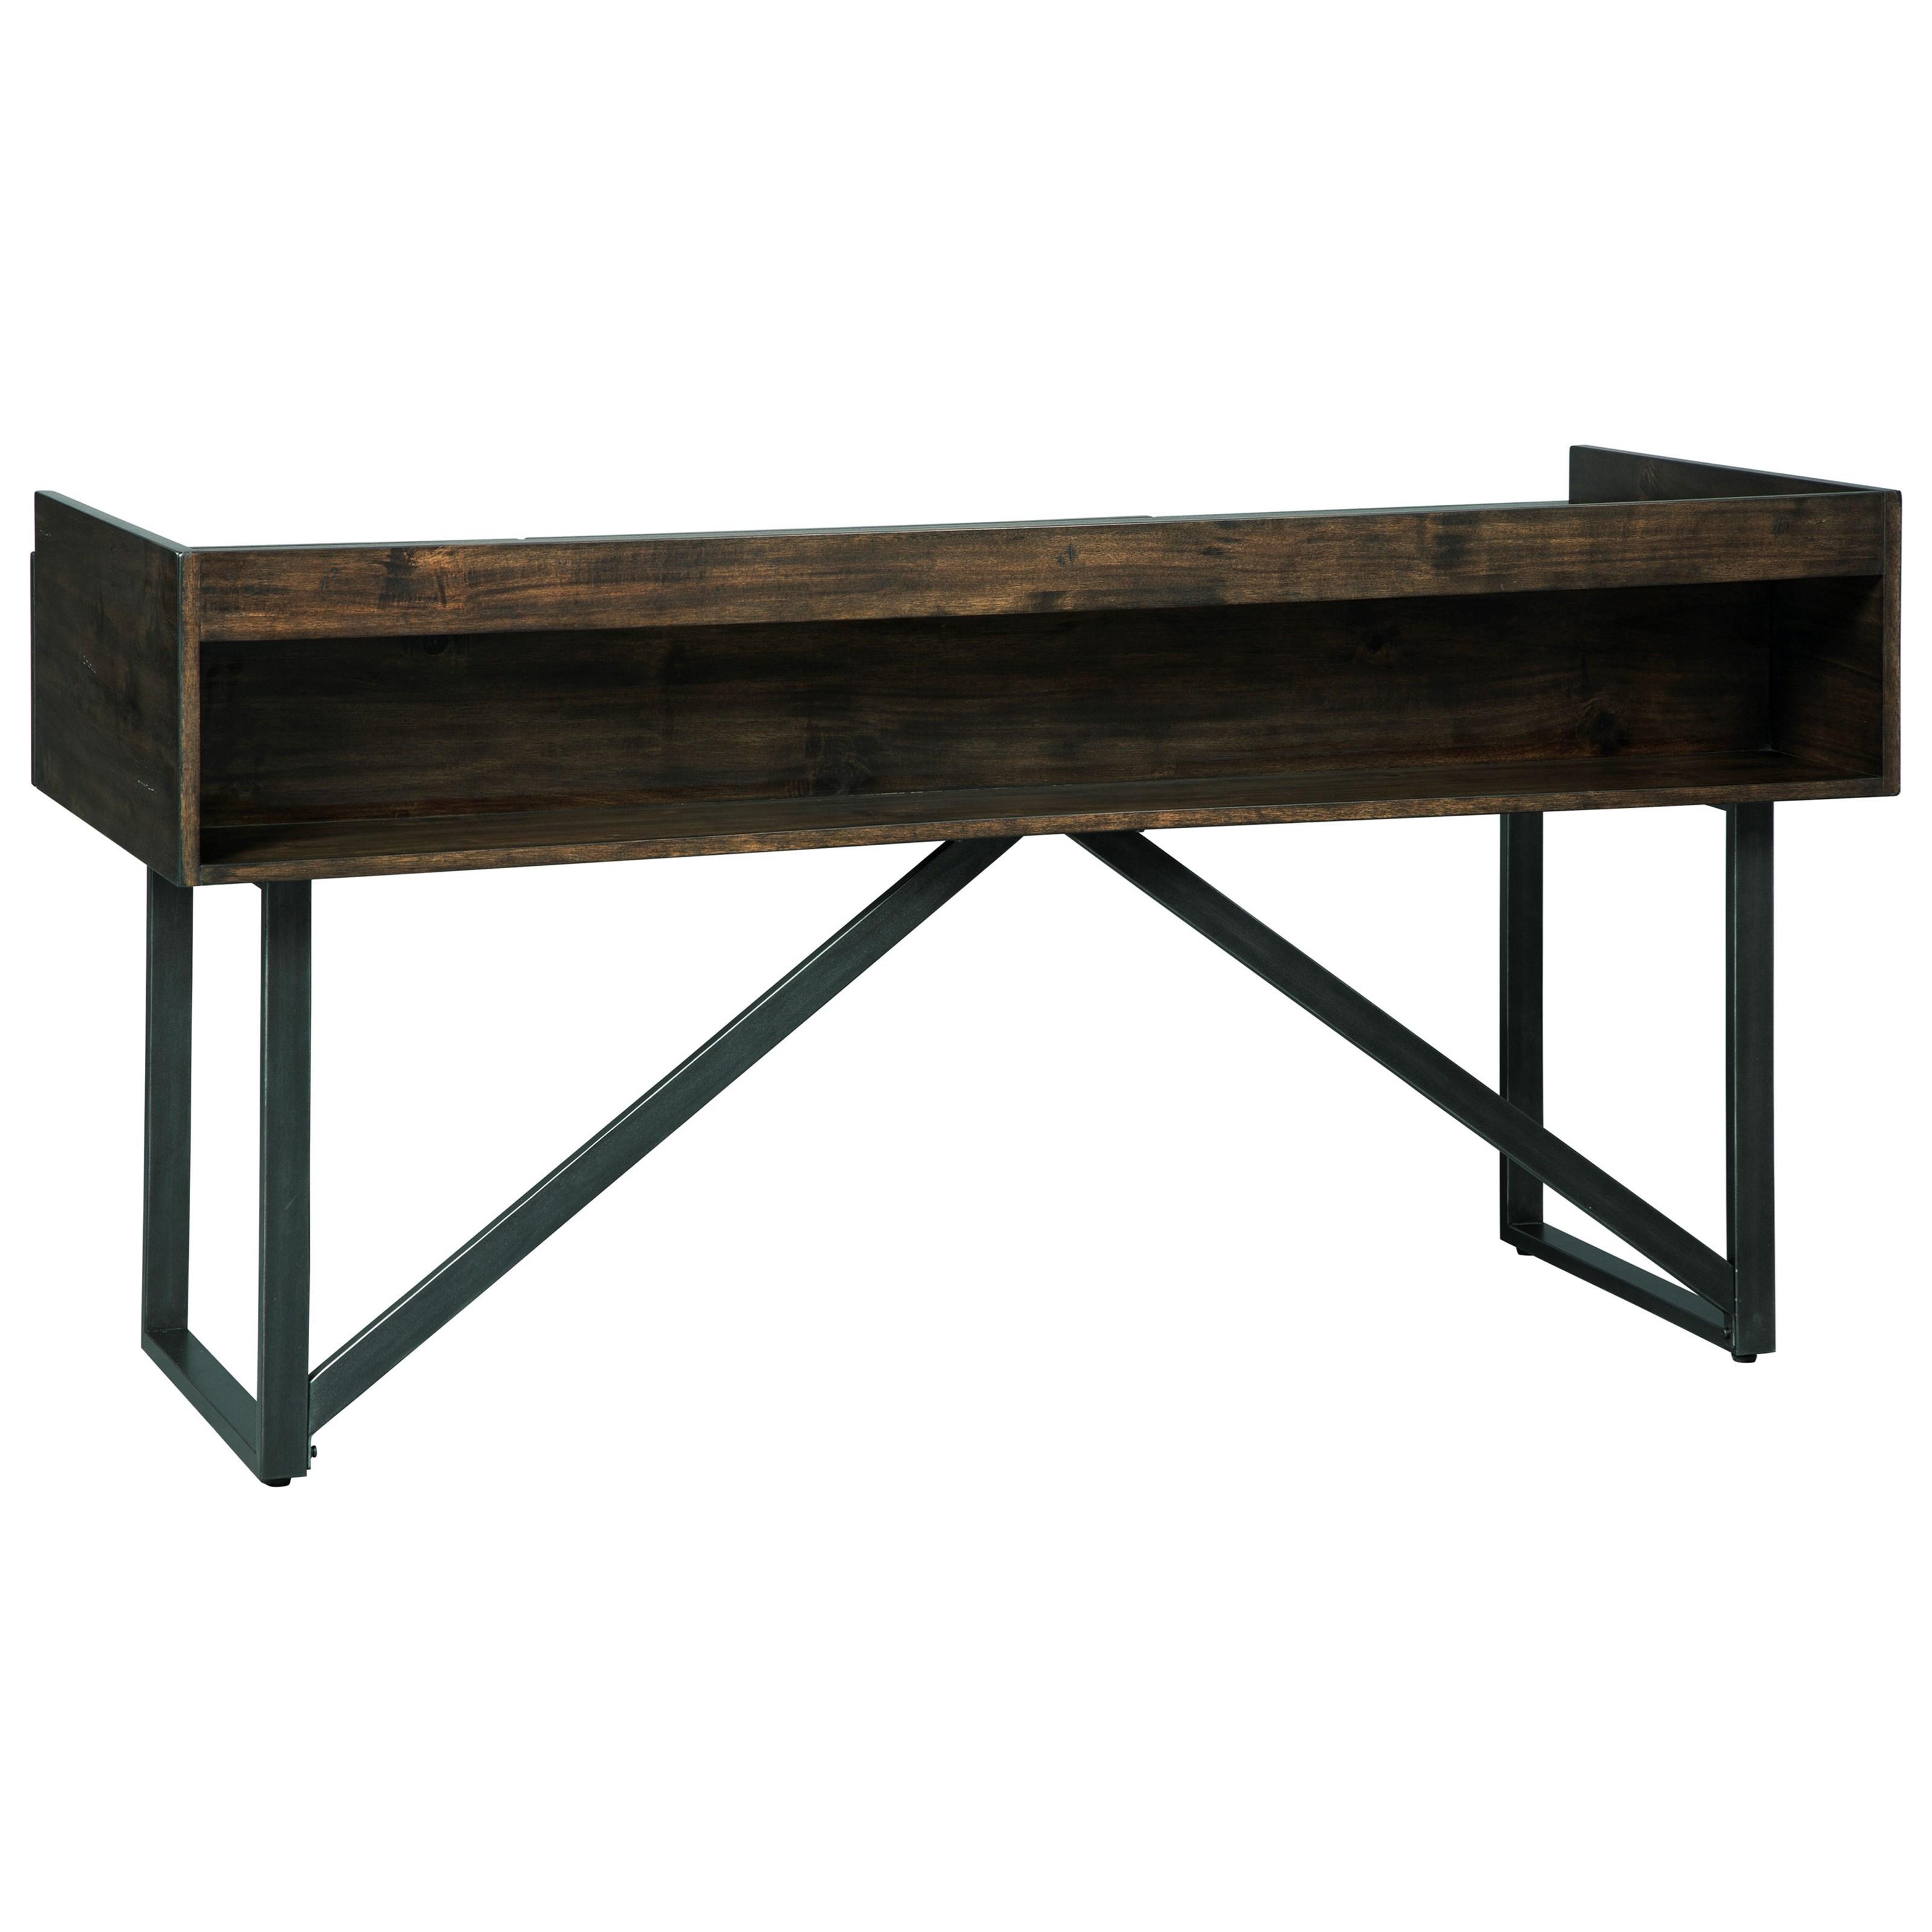 Ashley Signature Design Starmore H633 27 Modern Rustic